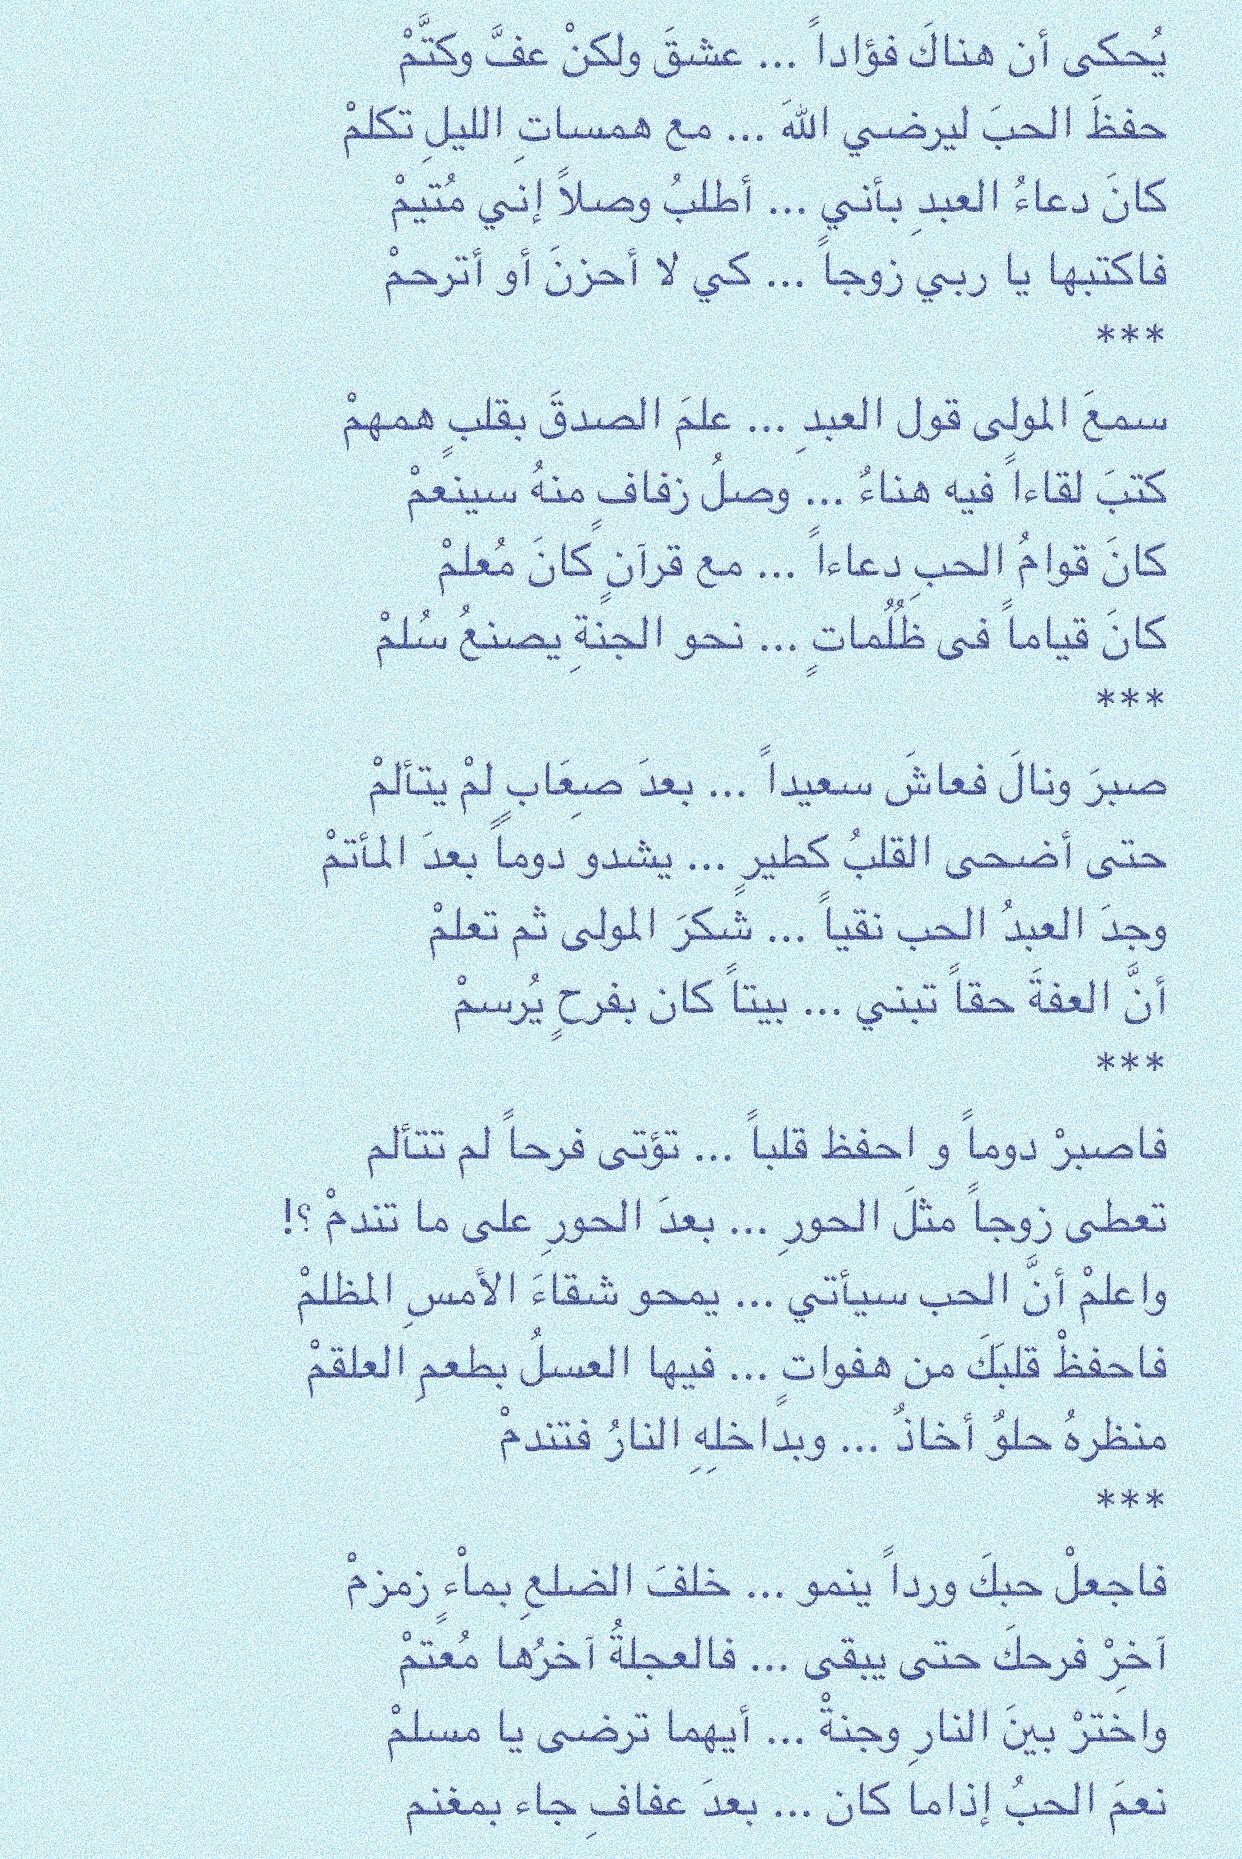 اللهم ارزقنا الحب الحلال Romantic Quotes Quotes Words